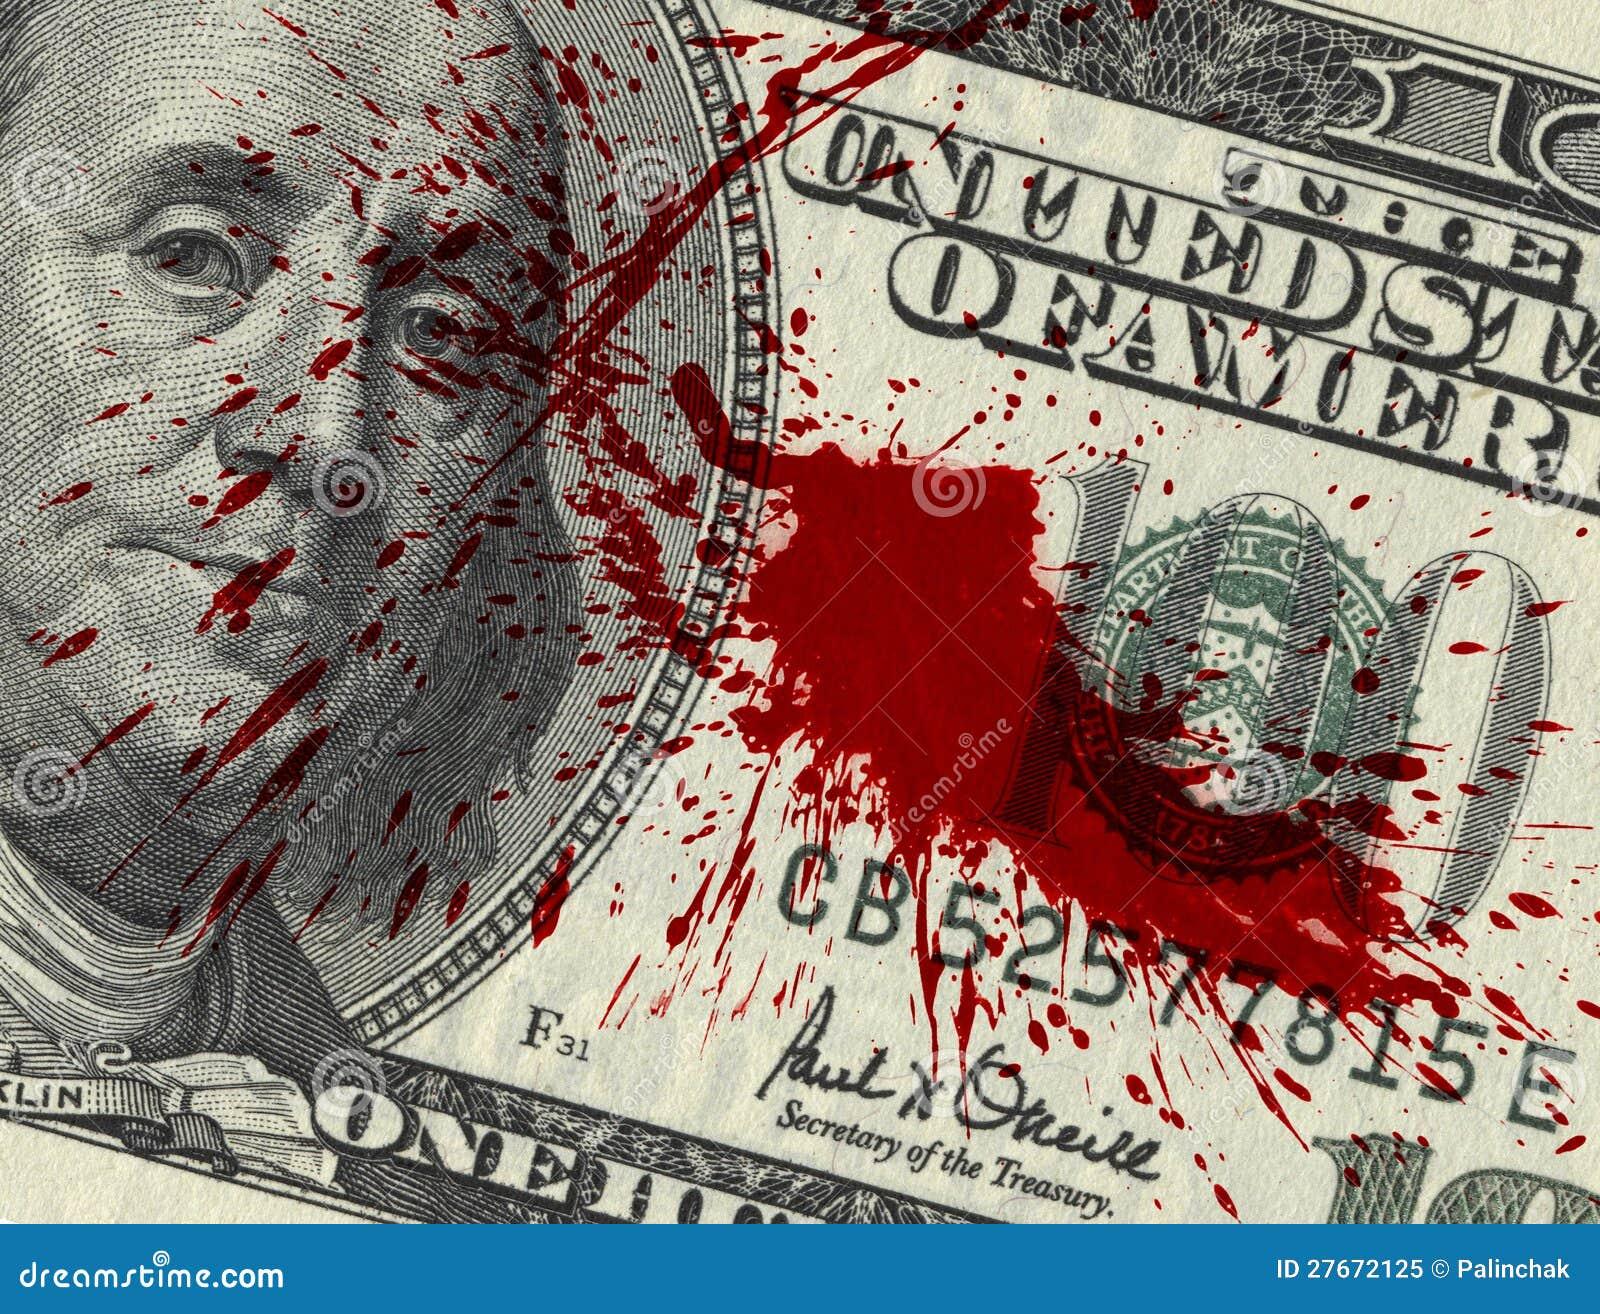 Blood Money Royalty Free Stock Photo - Image: 27672125